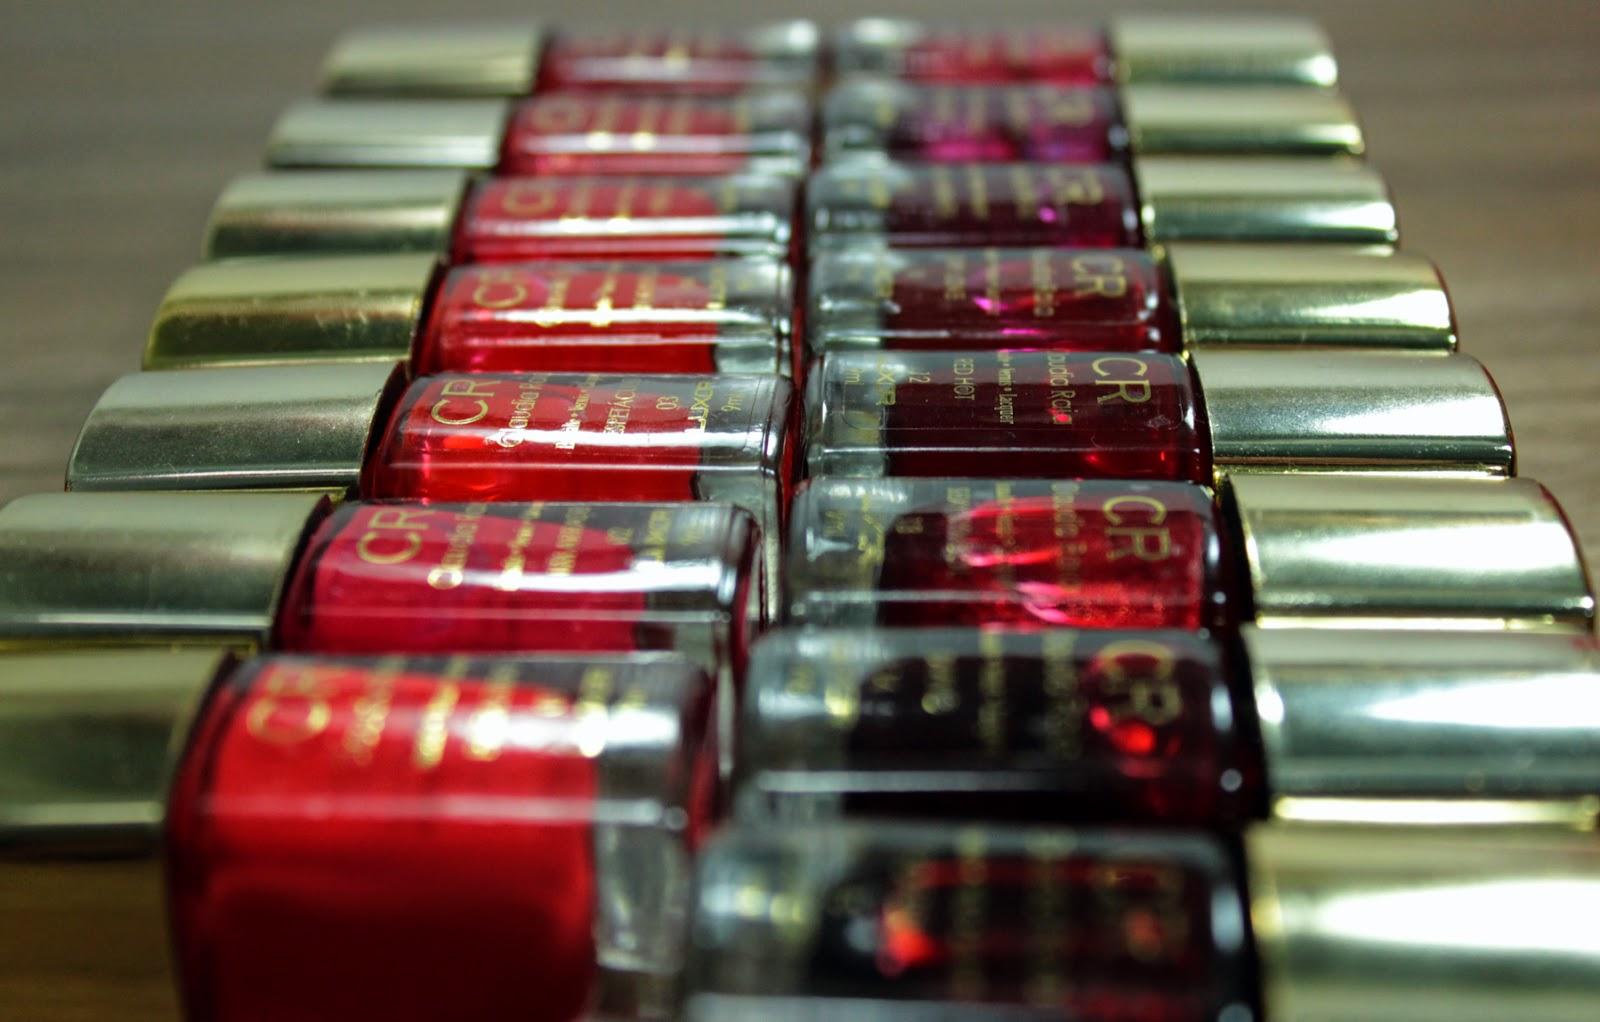 Claudia Raia, atriz, celebridades, esmaltes, vermelho, coleção, raia rouge, fashion mimi, swatches, vídeo, beleza, beauty, nails, unhas, mão feita, 3 free, hipoalergênico, luxor cosméticos, ayla meireles